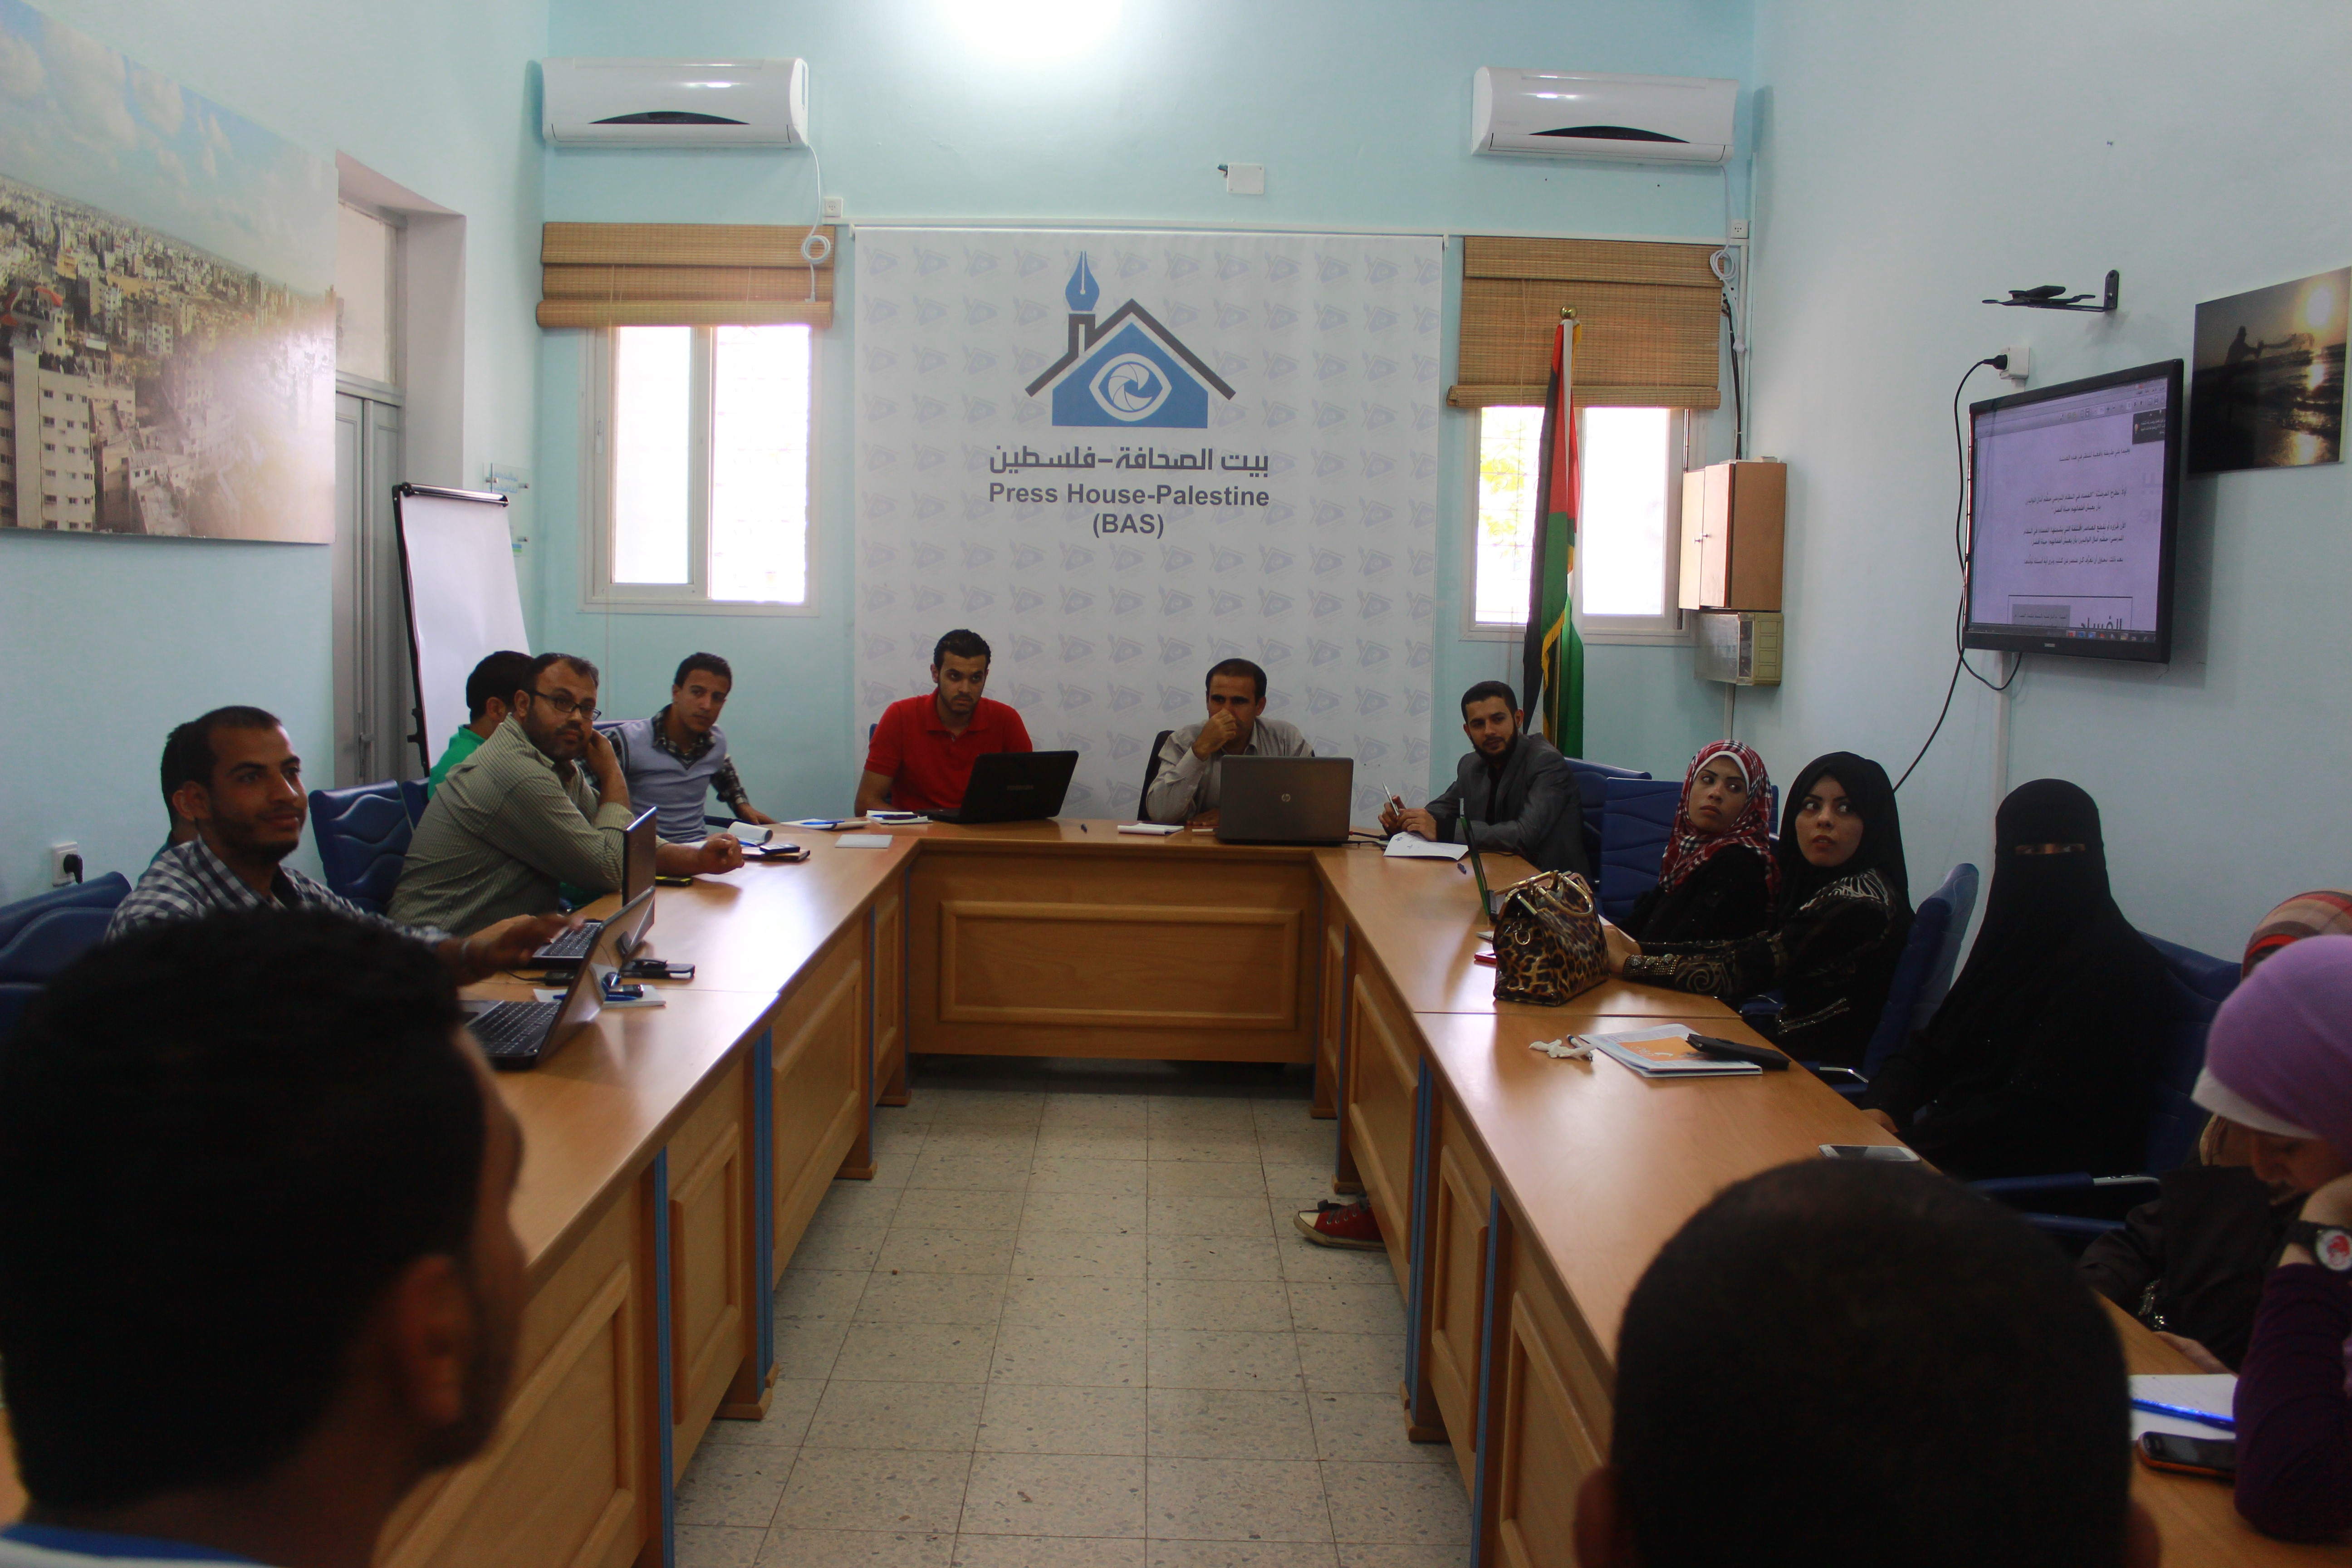 غزة: بيت الصحافة تختتم دورة في التحقيق الصحفي الاستقصائي